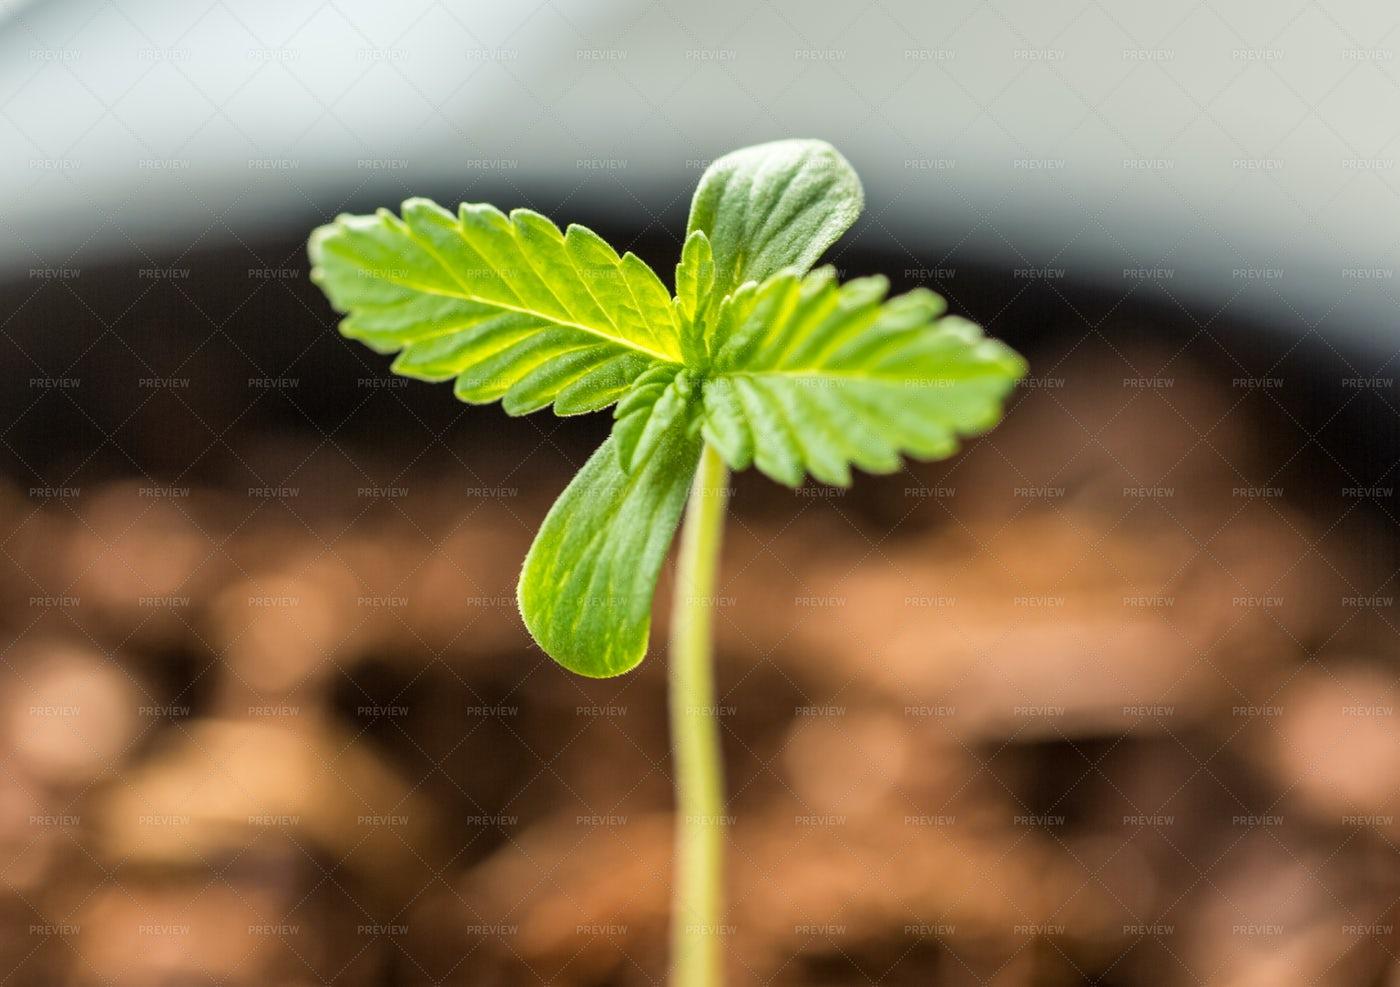 Marijuana Sprout In A Pot Close-Up: Stock Photos